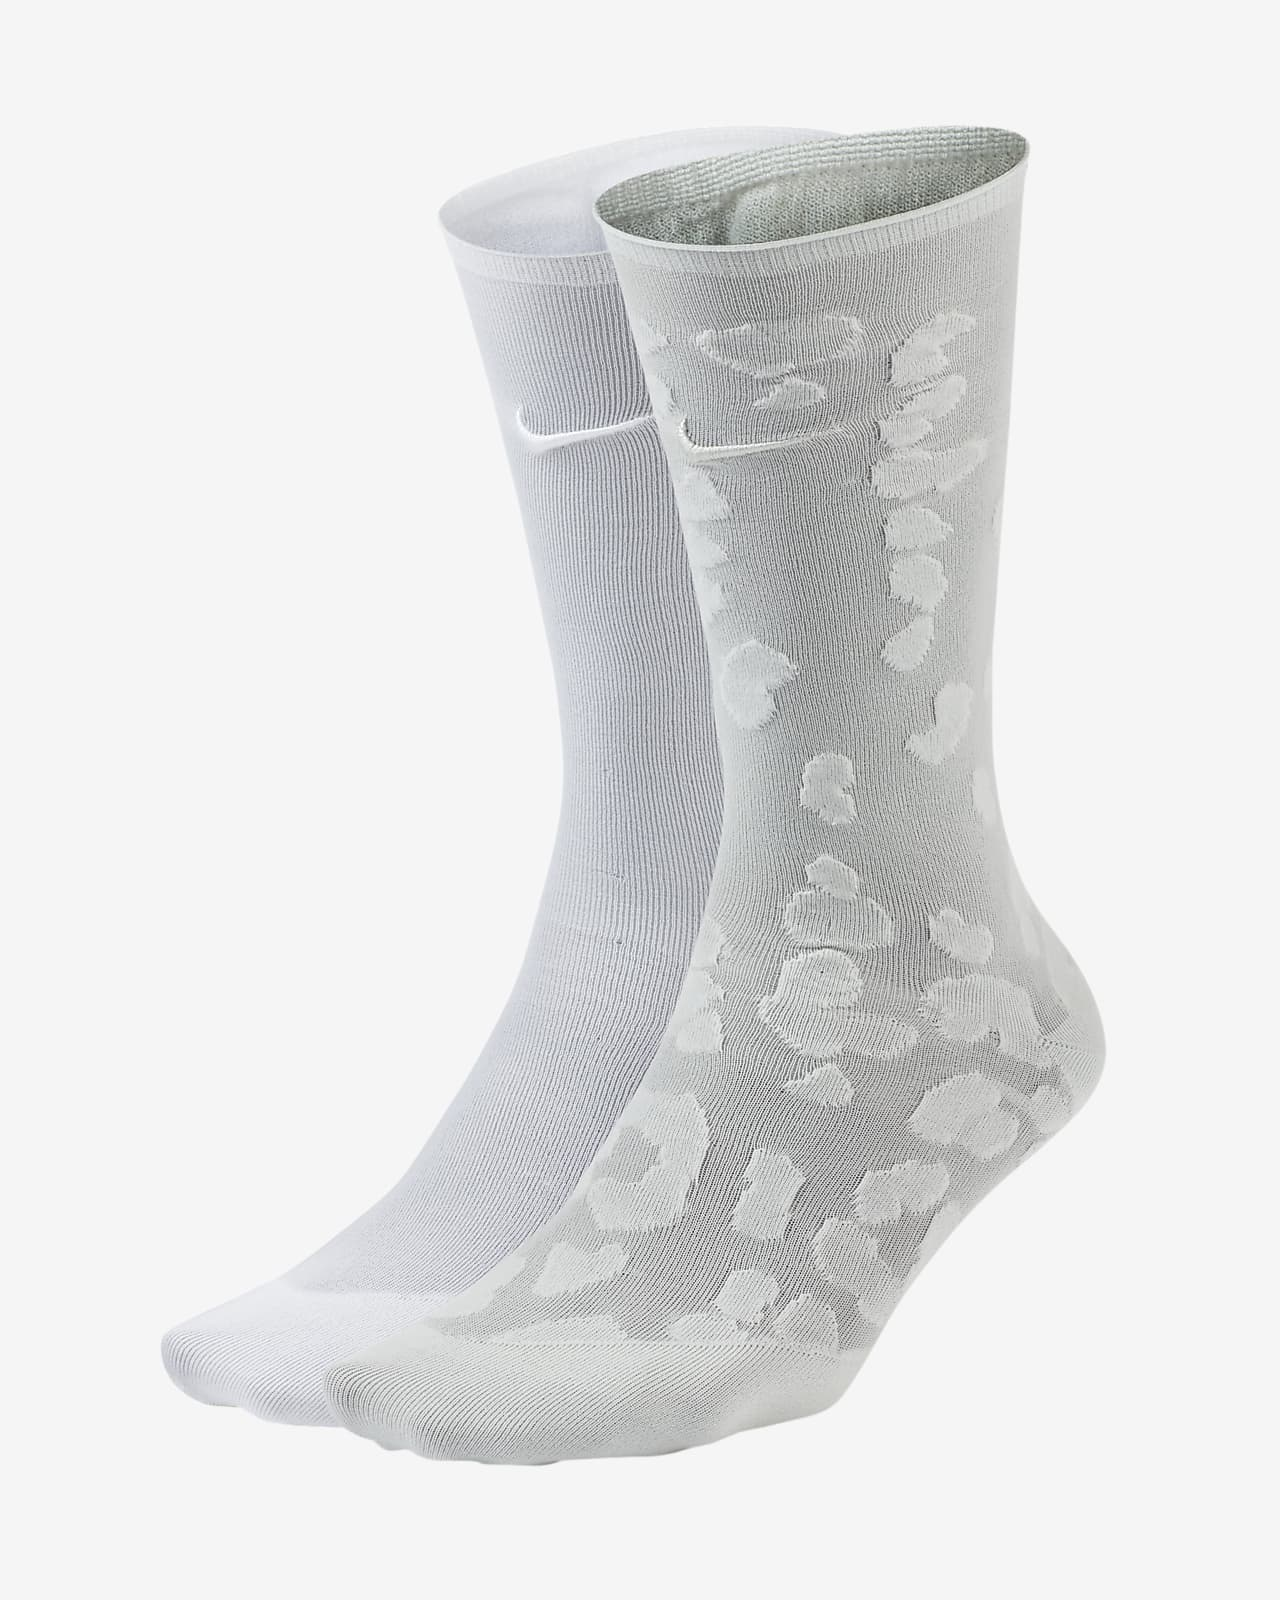 Calcetines hasta el tobillo de entrenamiento para mujer Nike (2 pares)